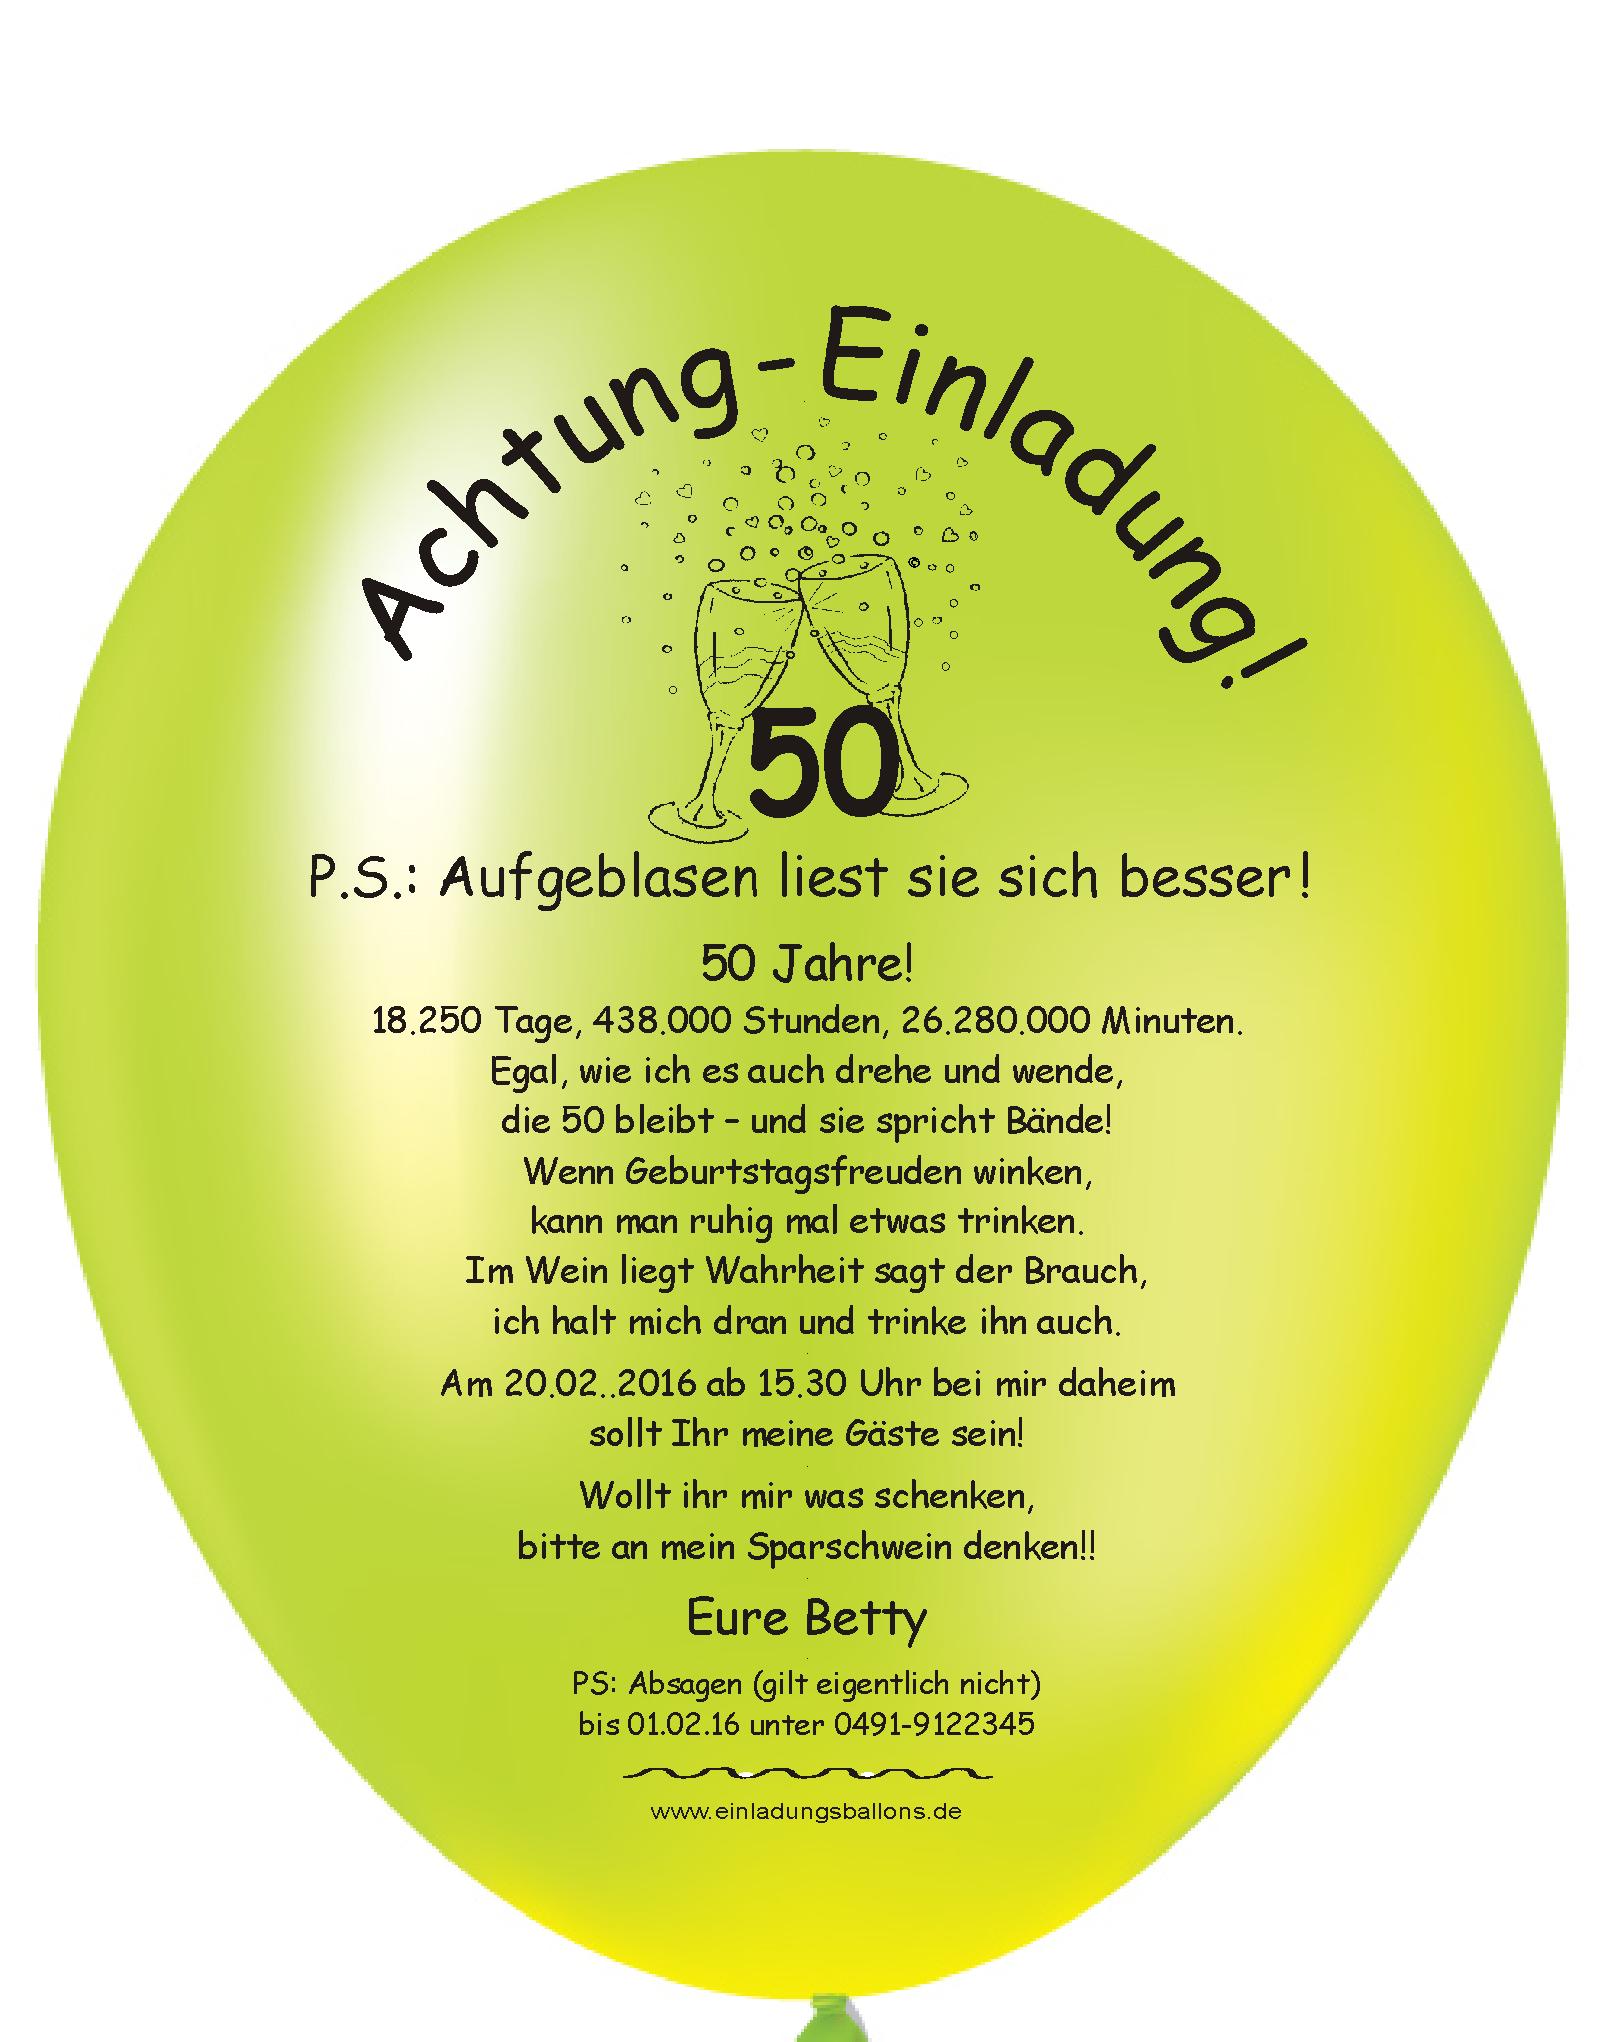 Einladungskarten Für Geburtstag Einladungskarten Für: Bildergebnis Für Lustige Einladungskarten Zum 50